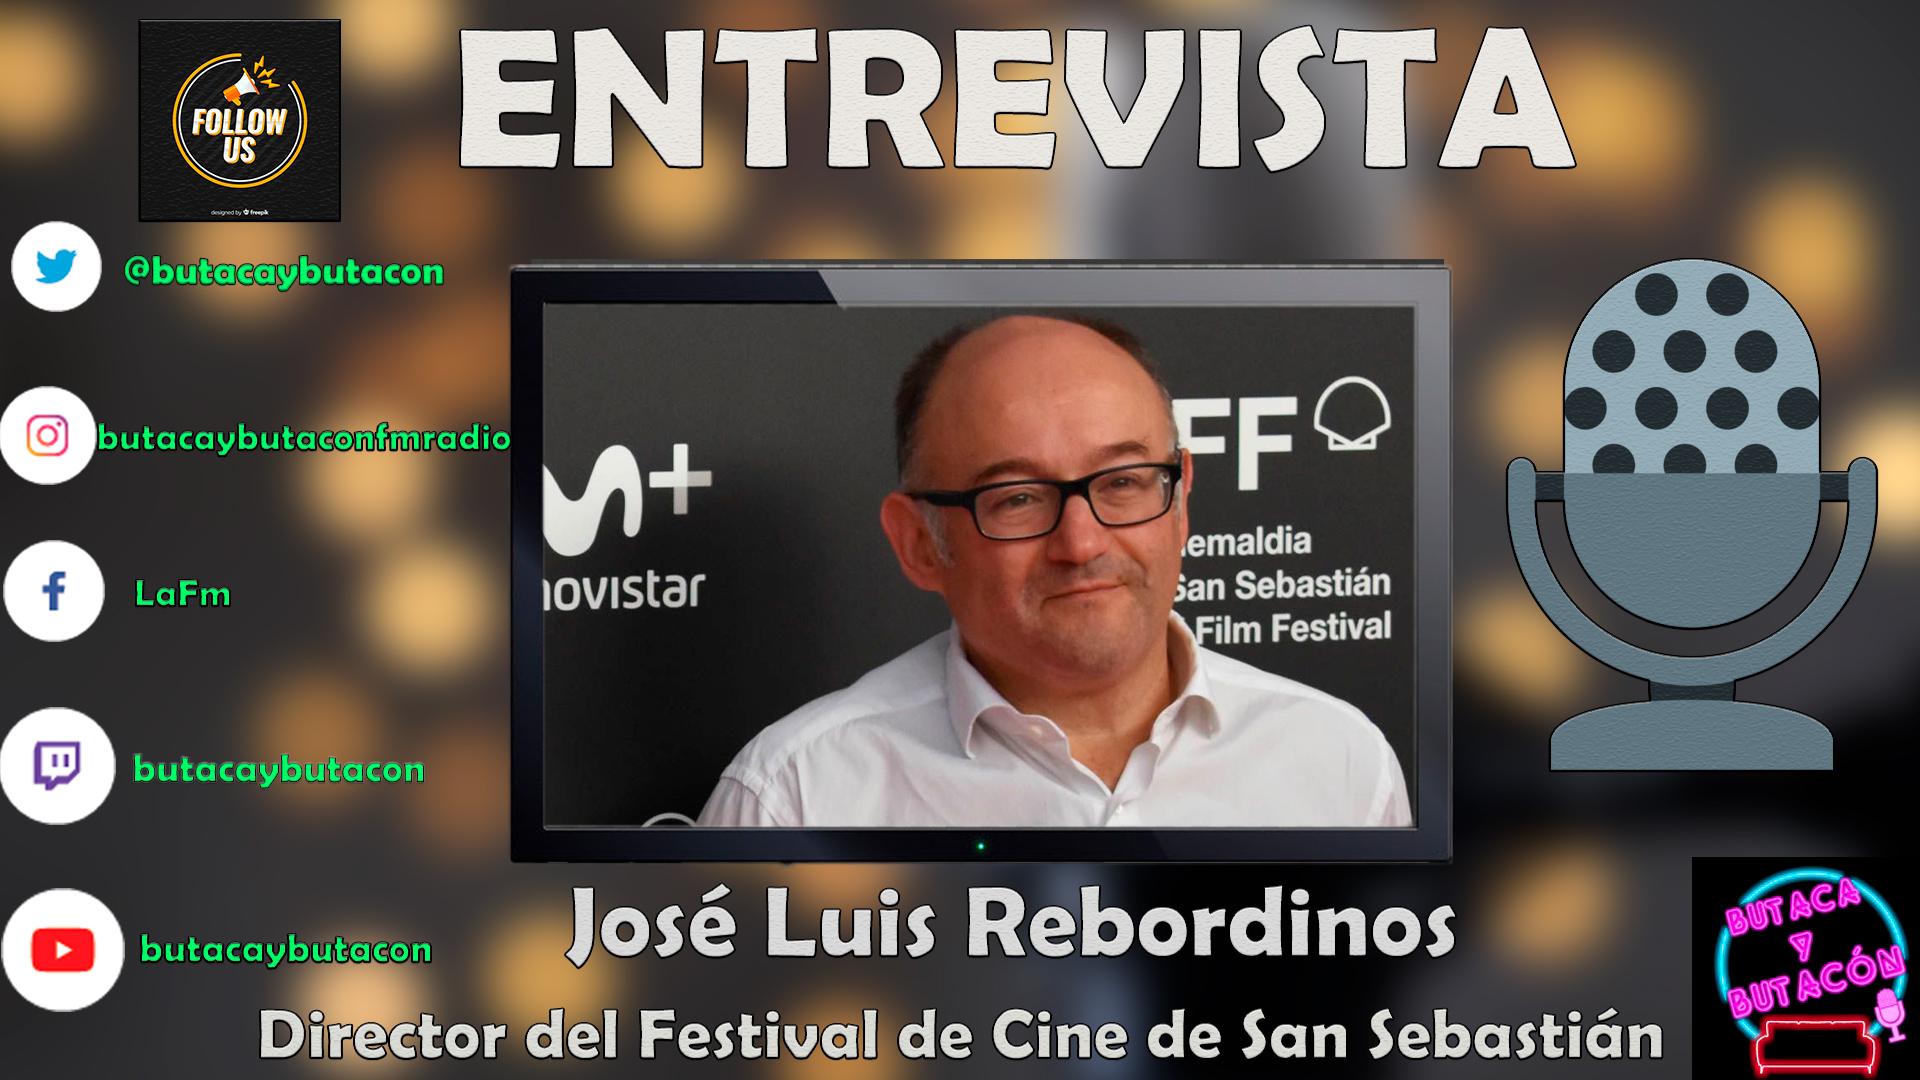 """José Luis Rebordinos: """"Está siendo el Festival de Cine del reencuentro y las emociones"""""""